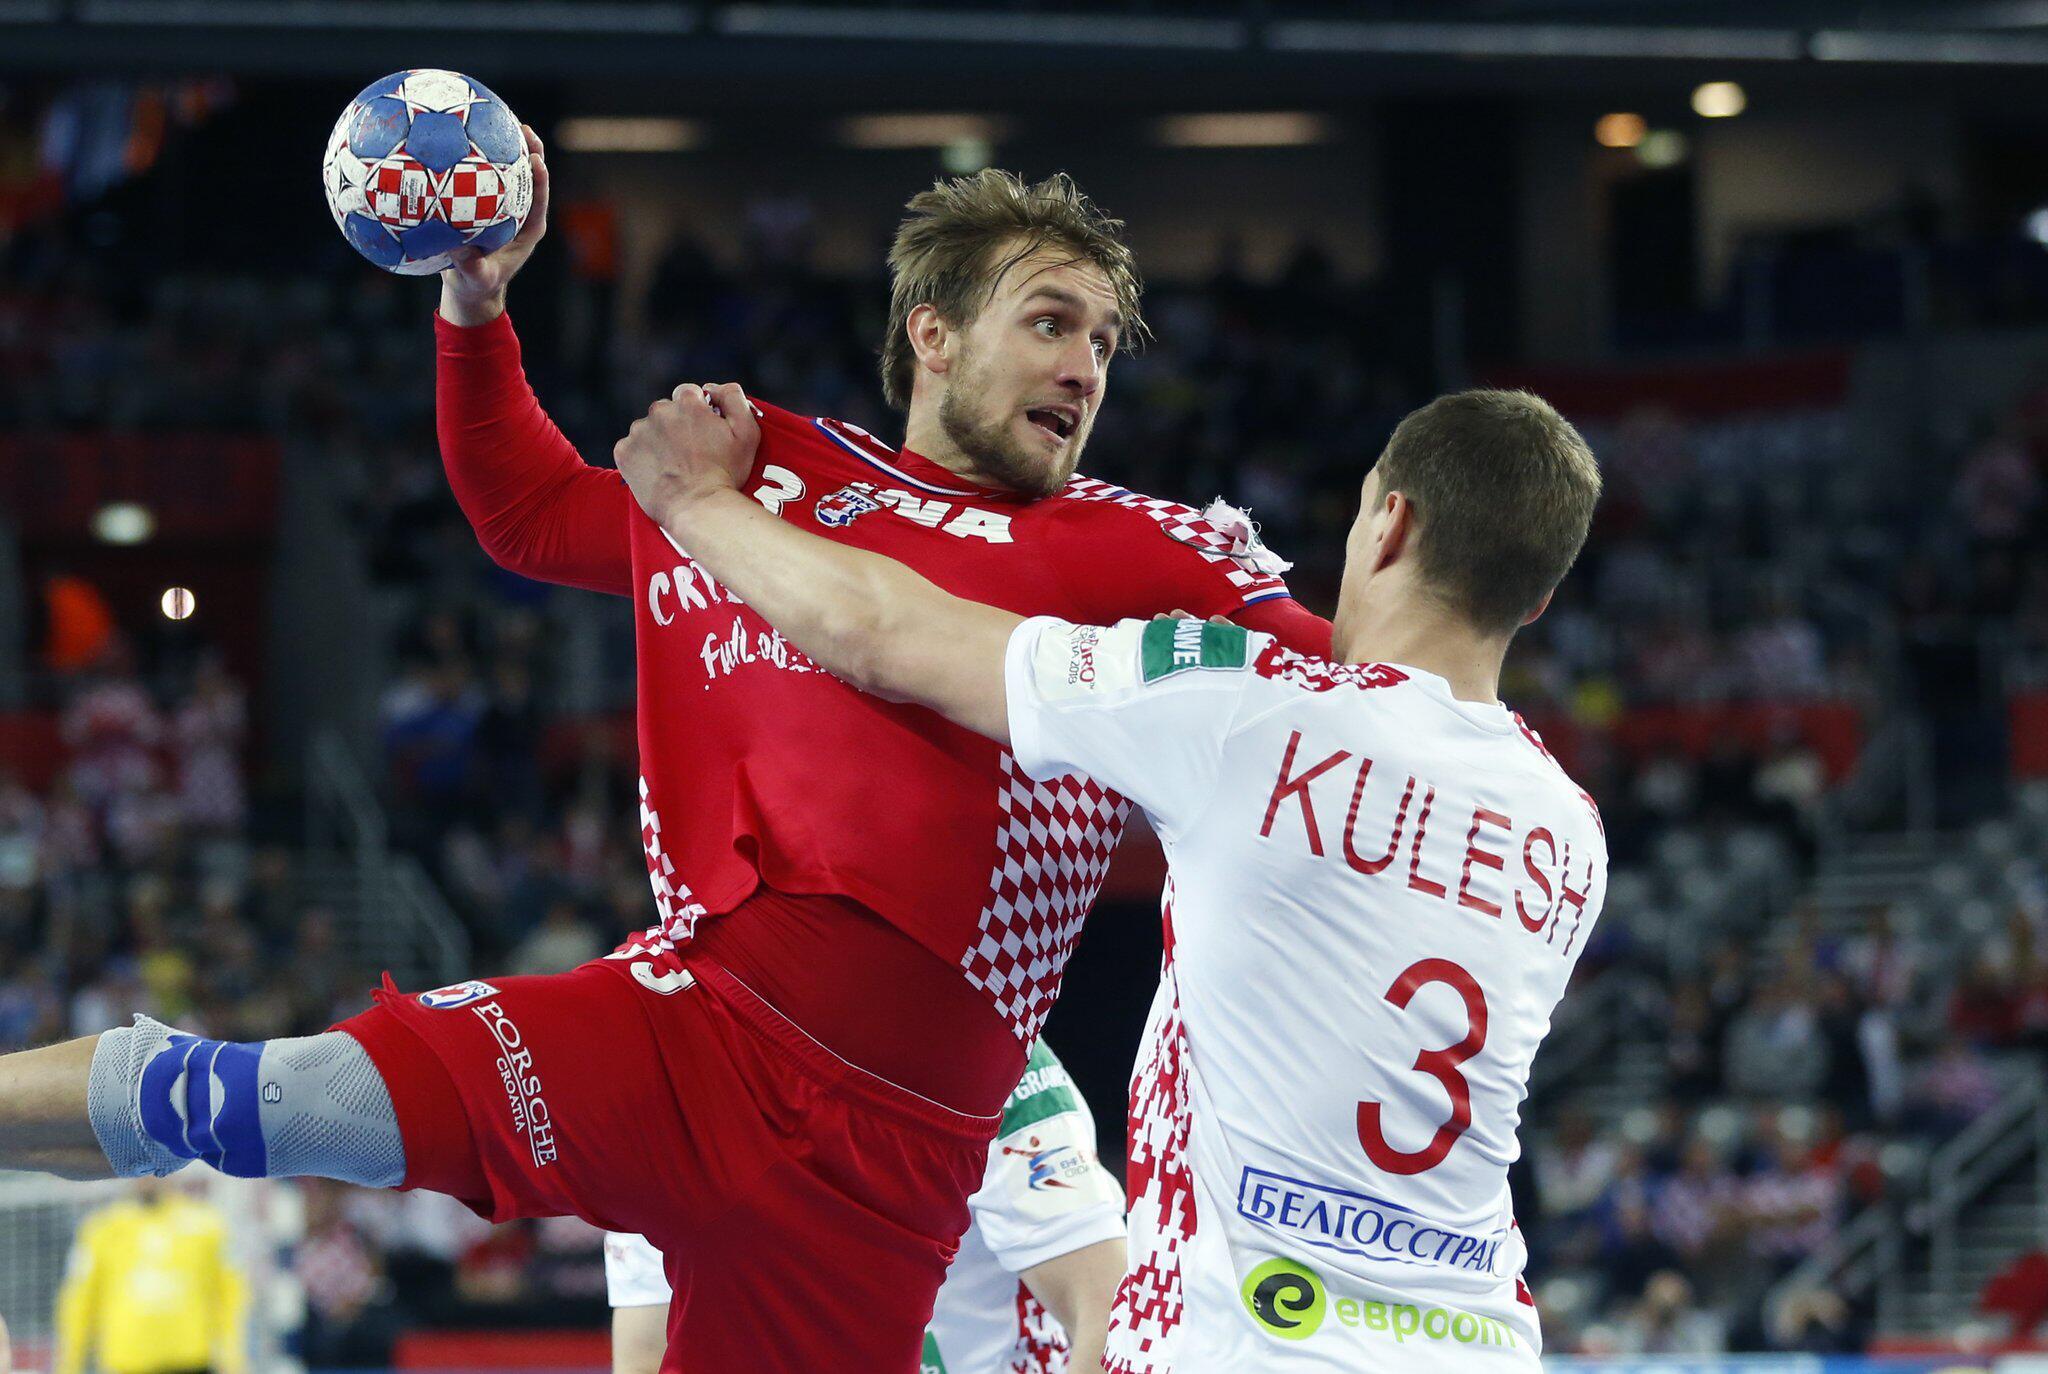 Bild zu Handball-EM: Kroatien - Weissrussland